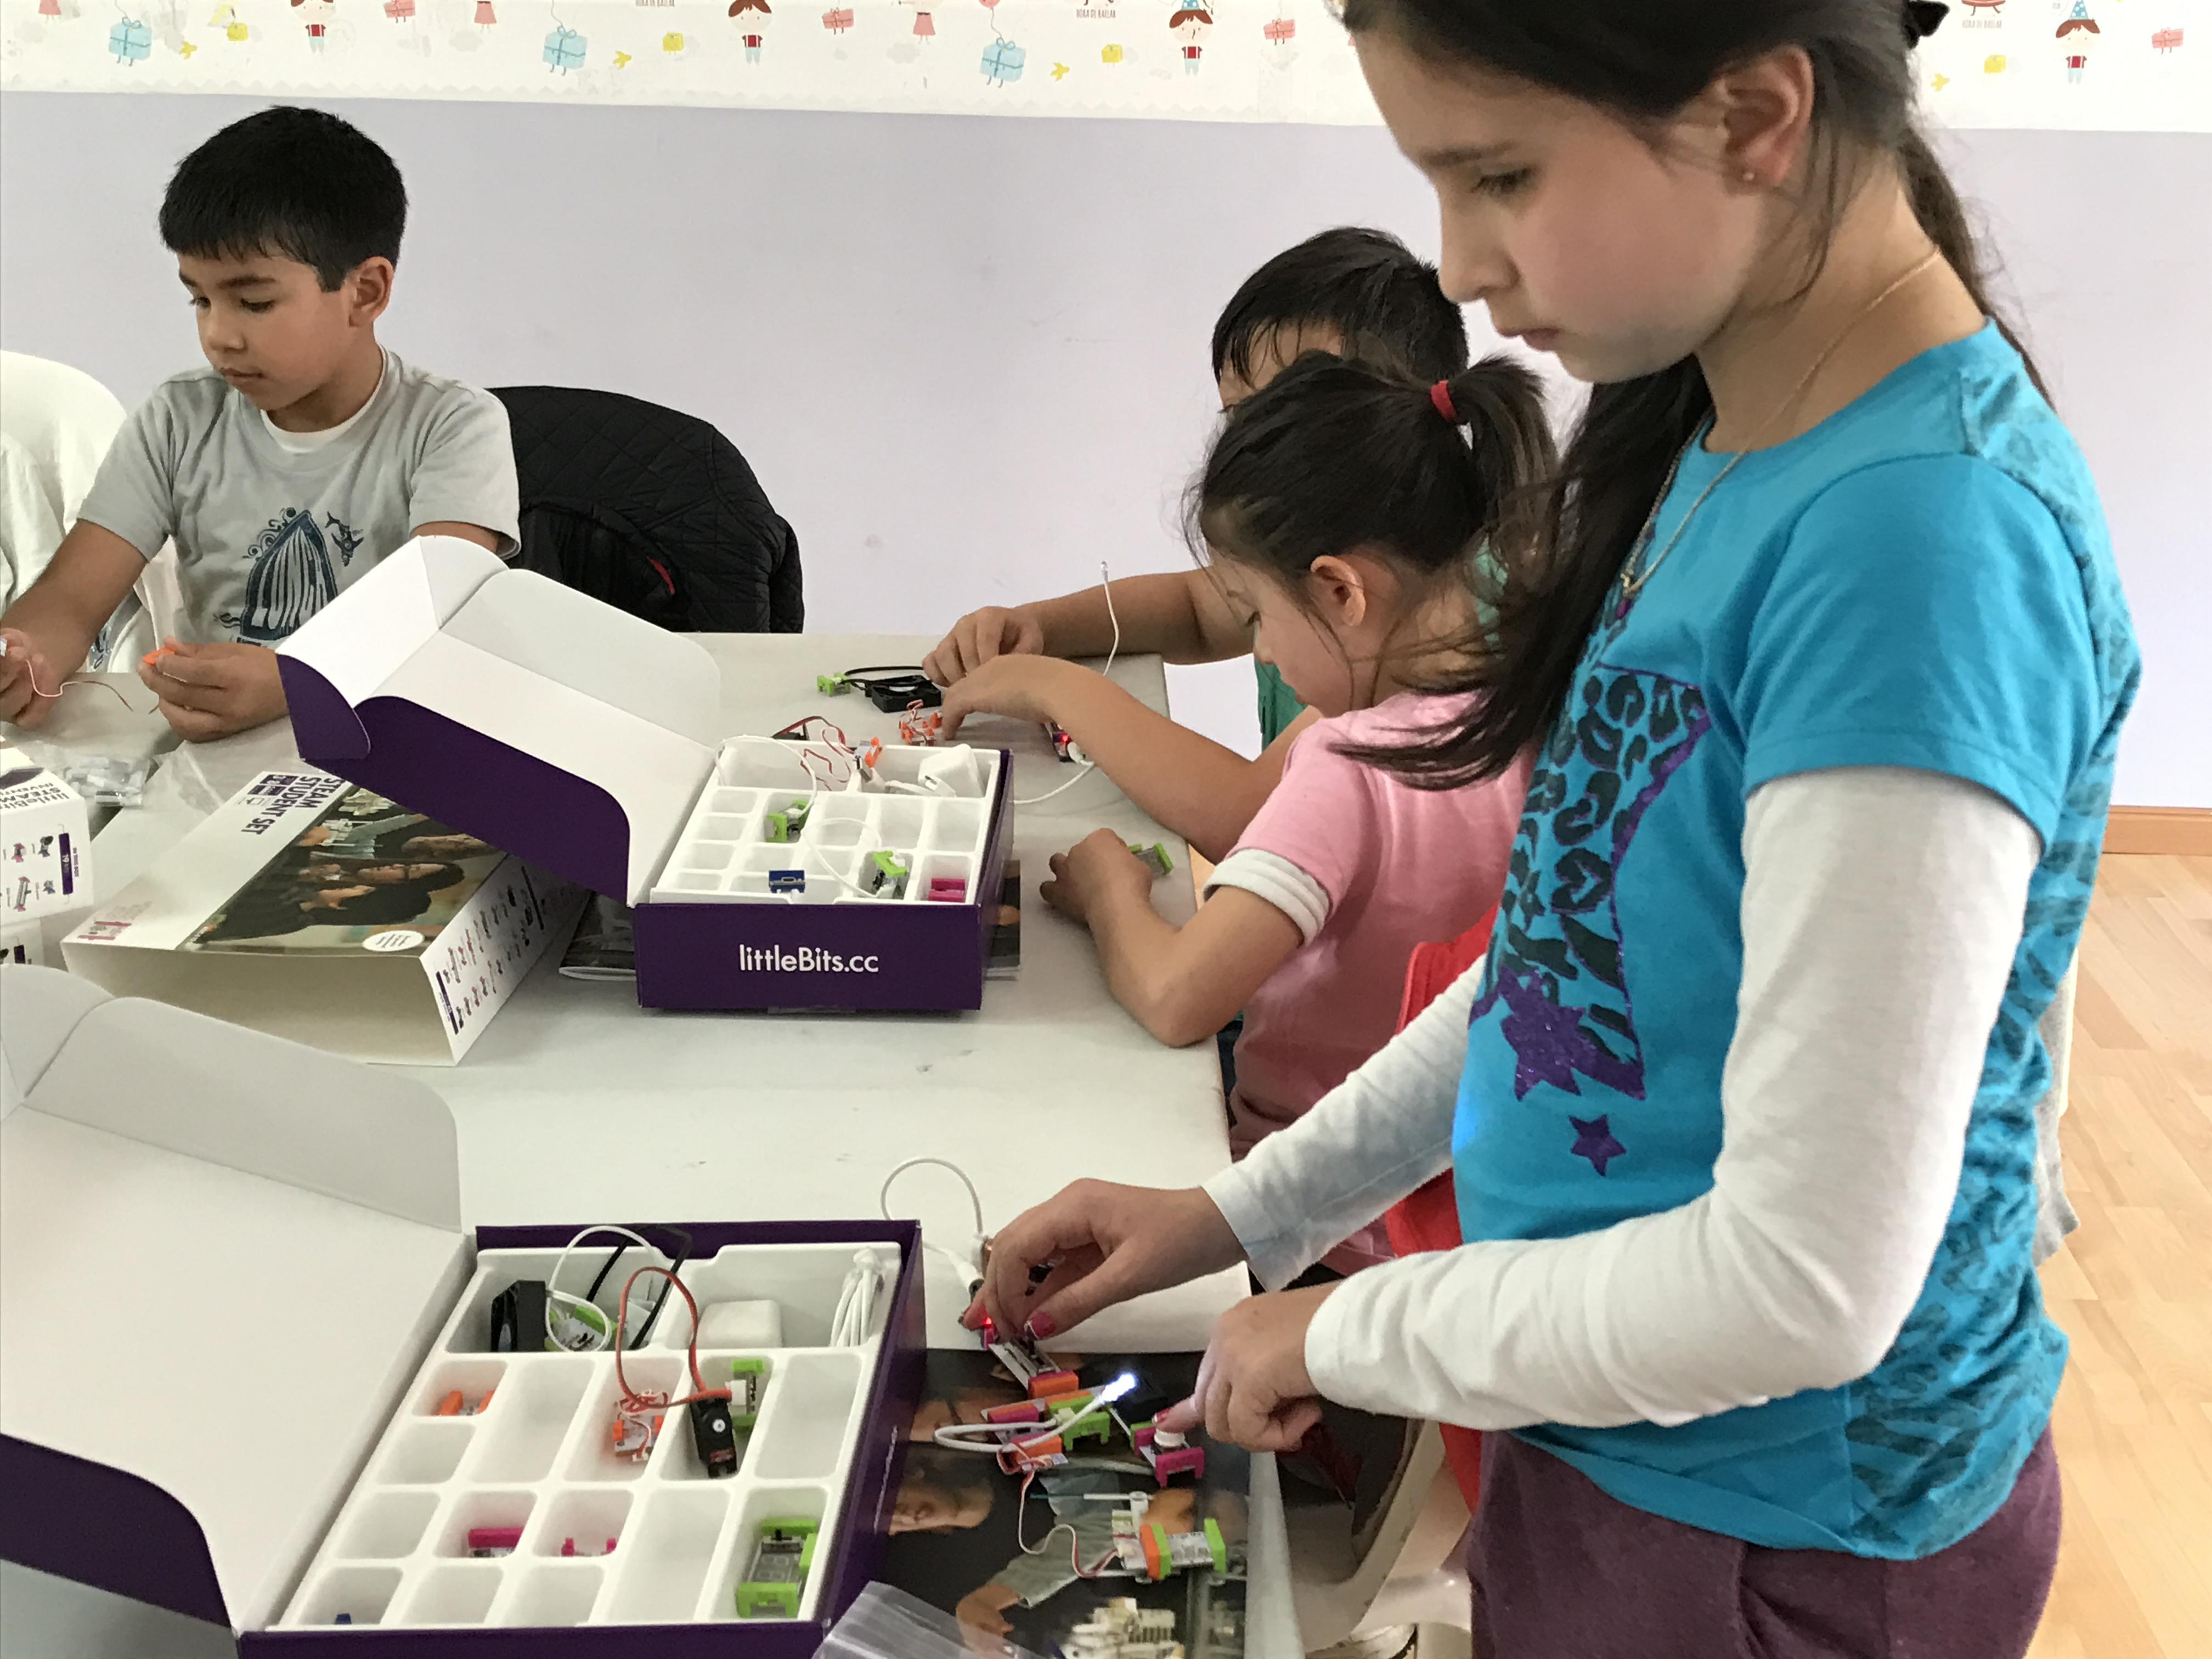 Conociendo a littleBits